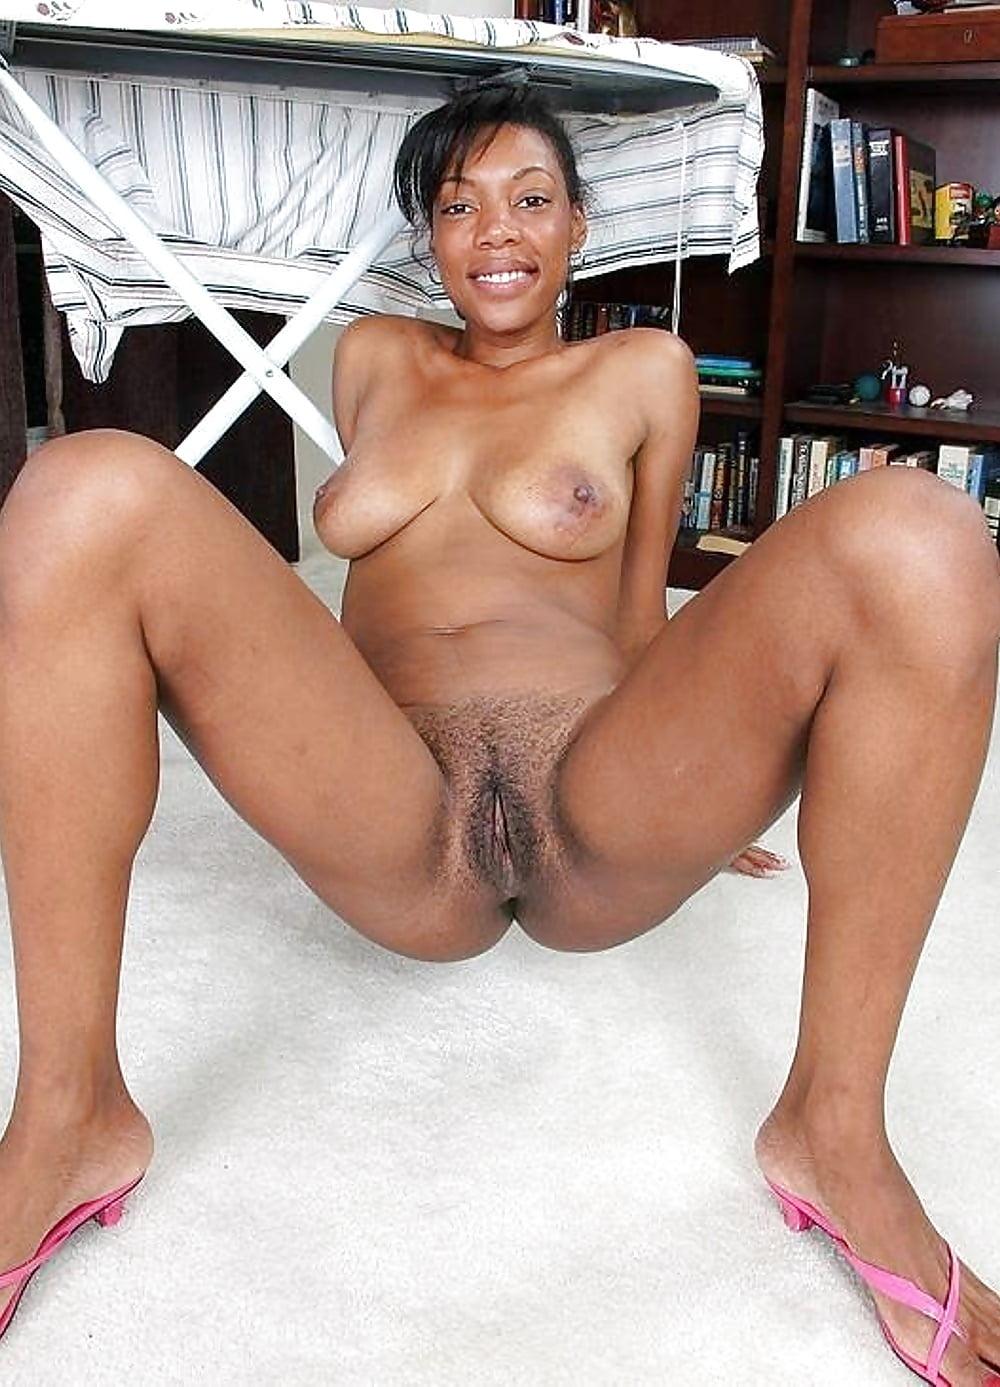 негритянки милф матуре порно - 4